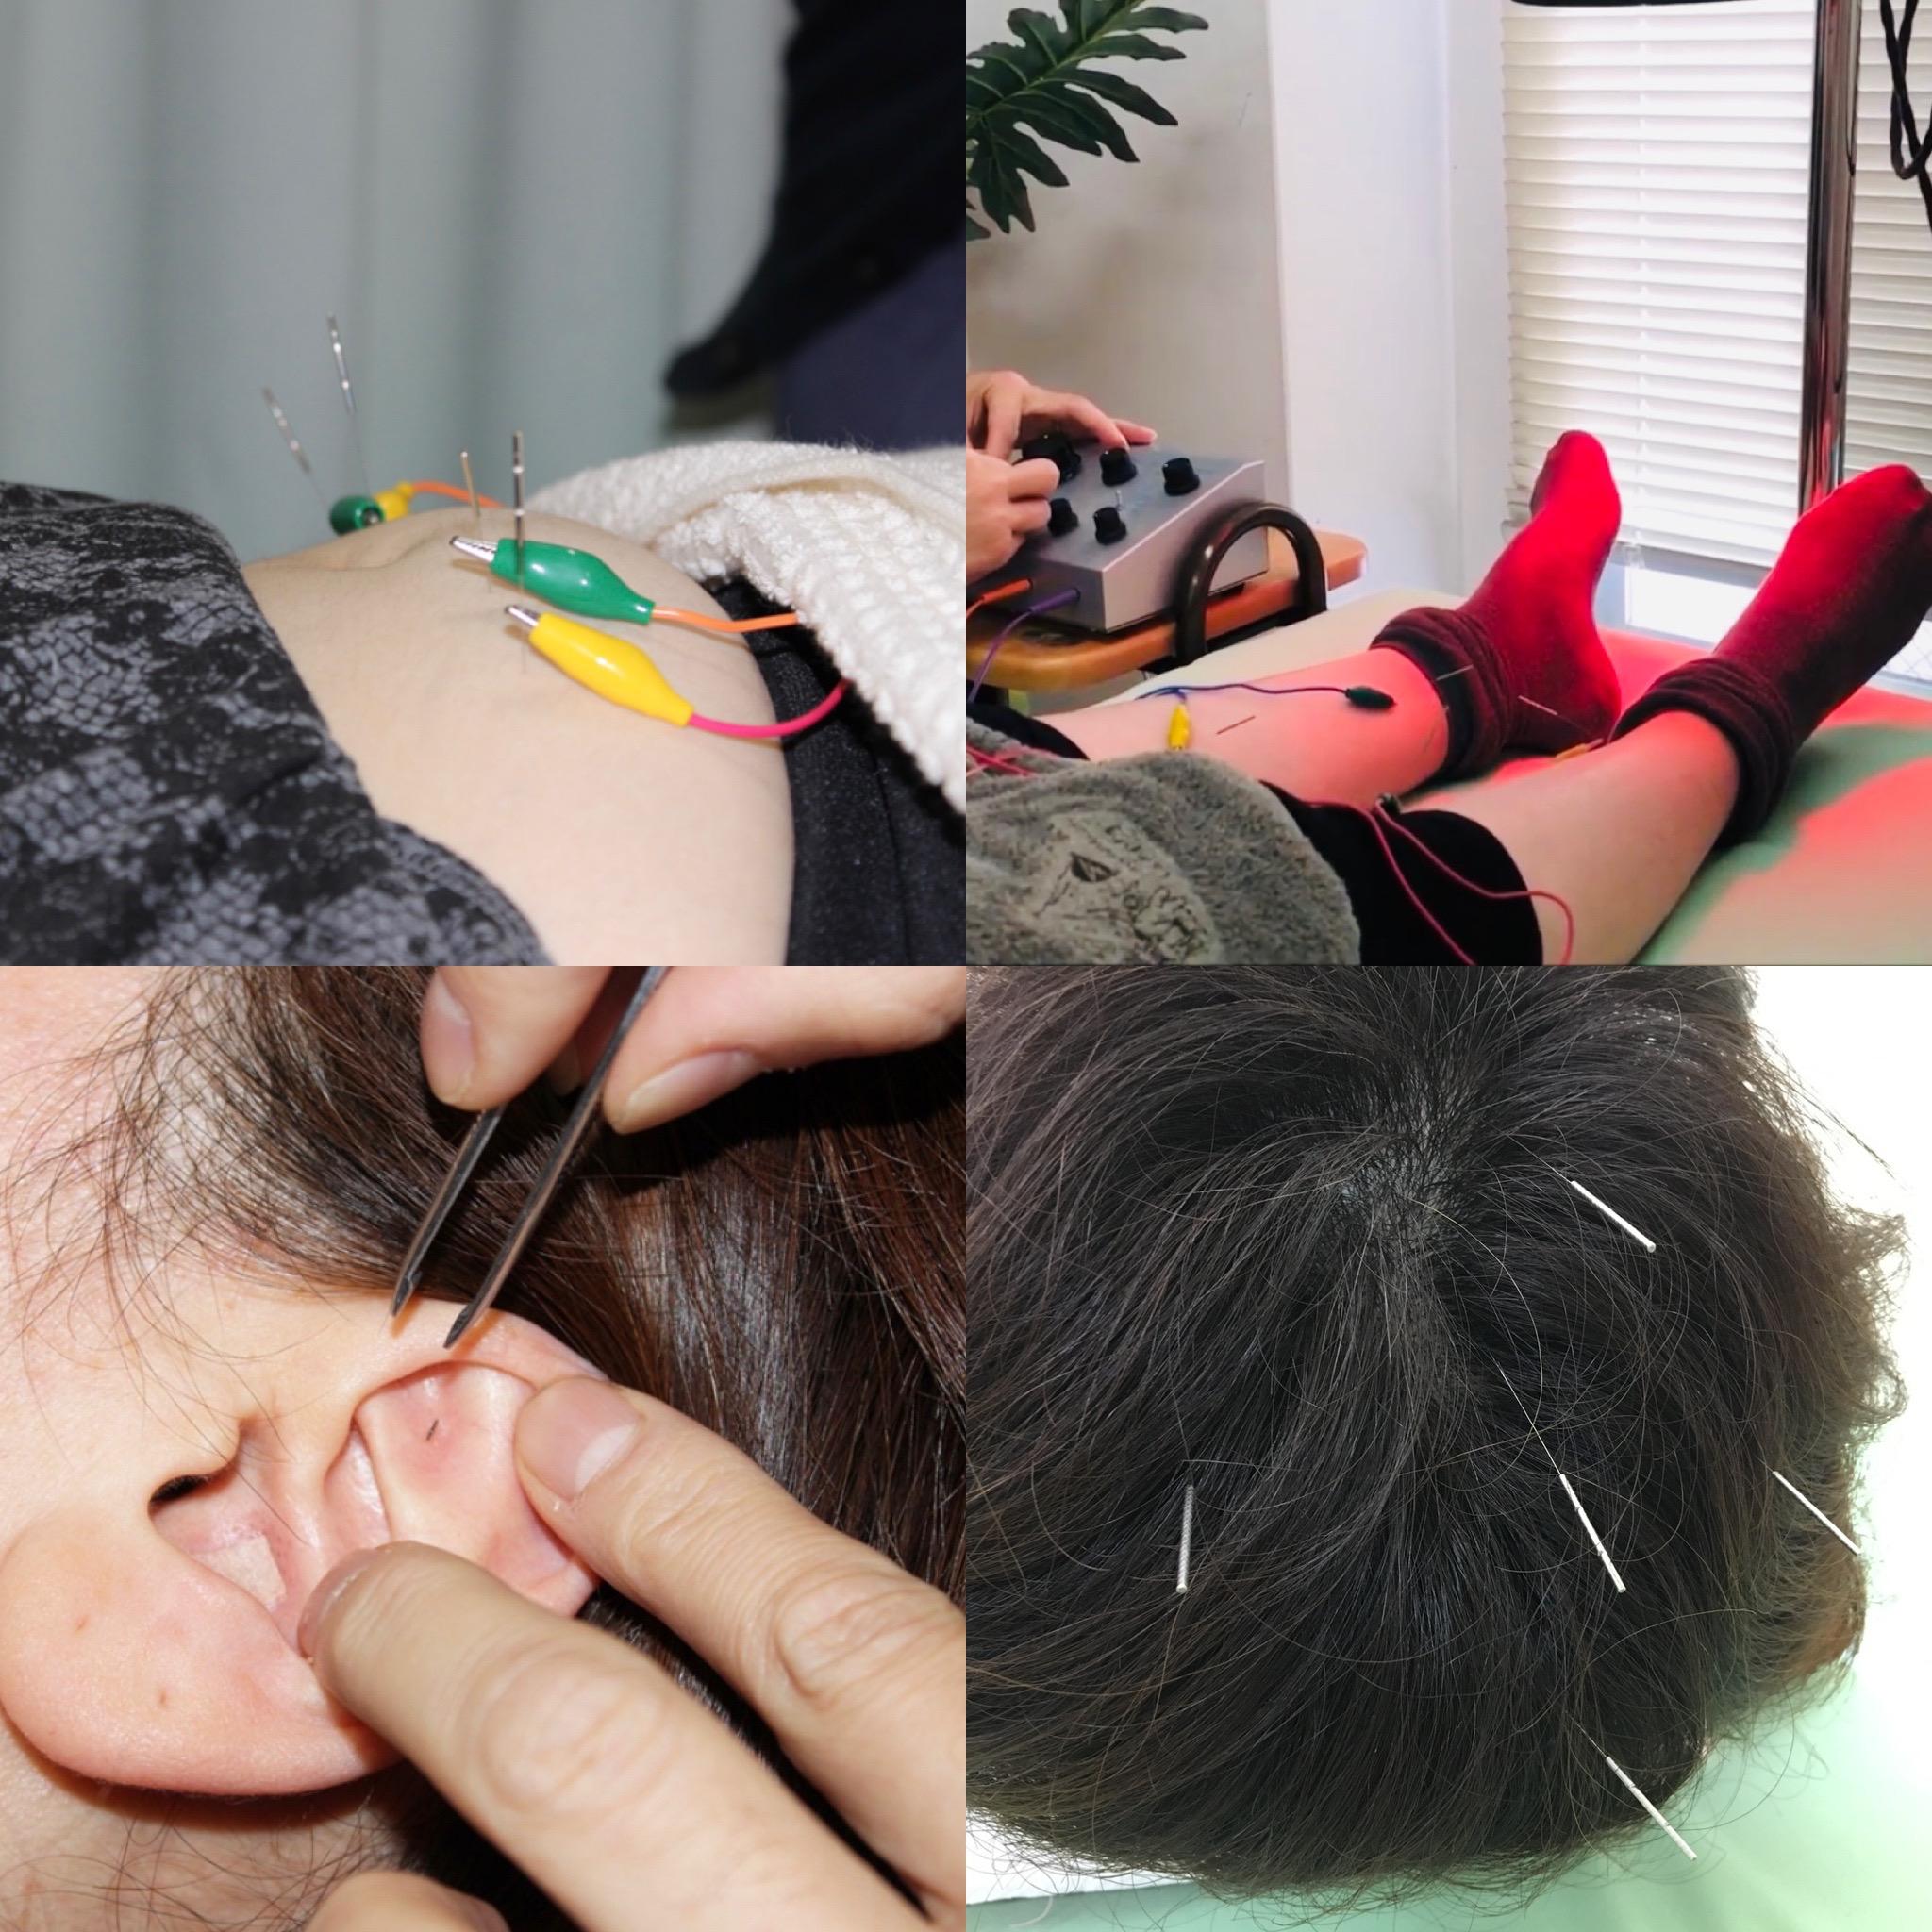 耳鍼ダイエットで夏までに自分の理想を手に入れてください。無料カウンセリング5月22日迄の空き時間です、